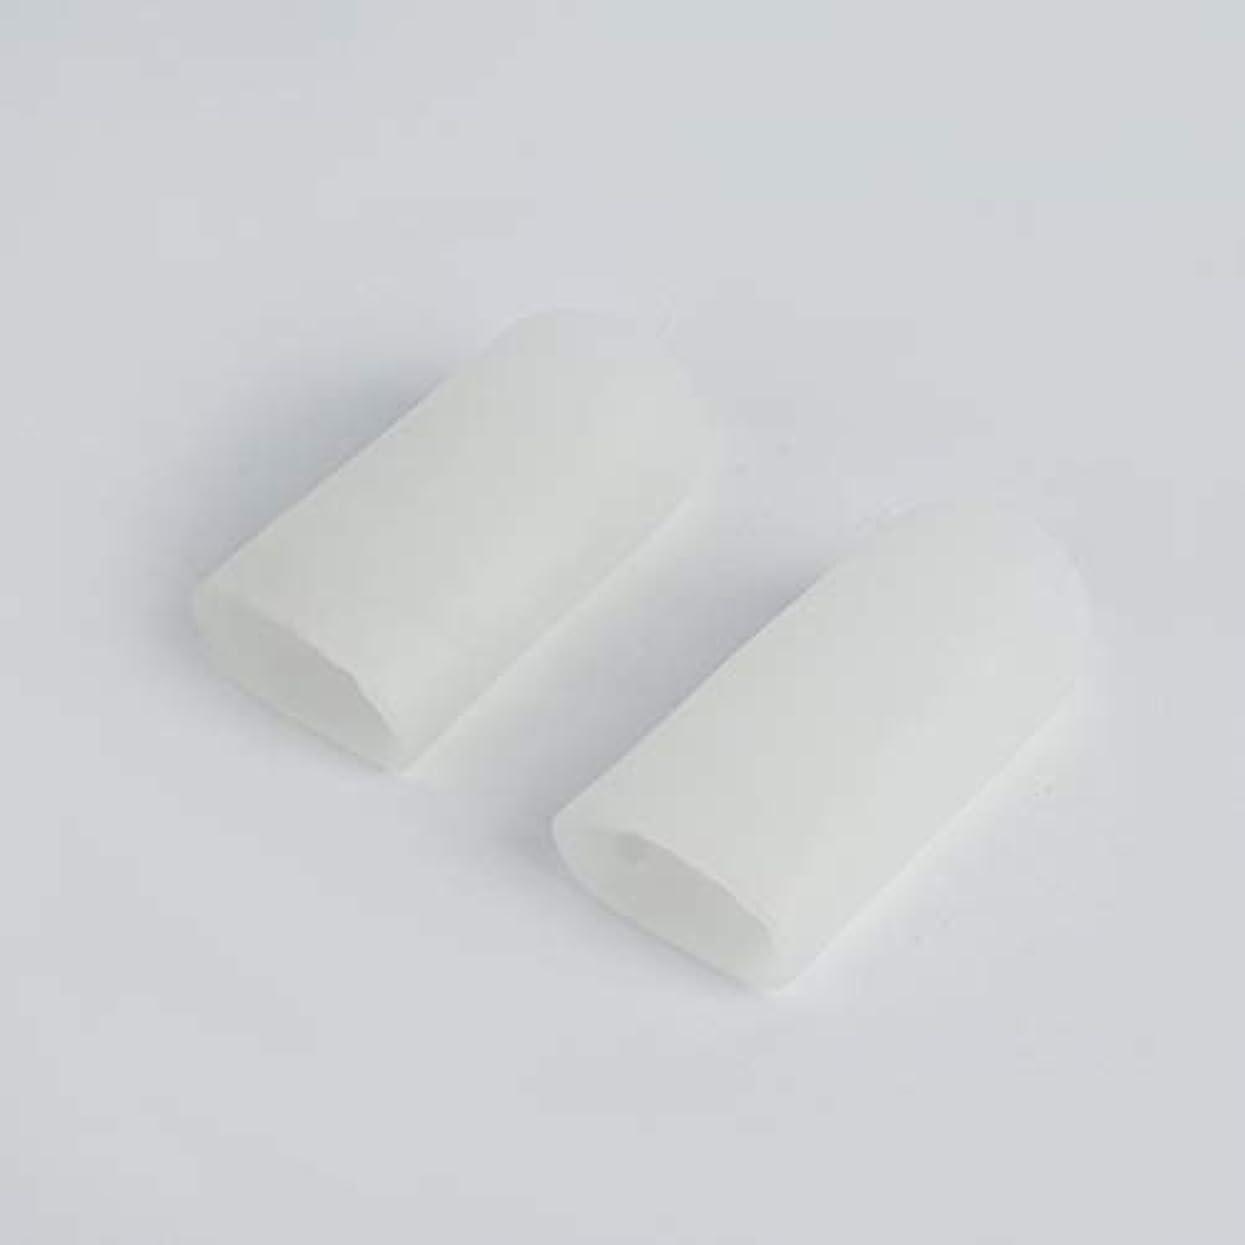 マスタード定義するペフOpen Toe Tubes Gel Lined Fabric Sleeve Protectors To Prevent Corns, Calluses And Blisters While Softening And...